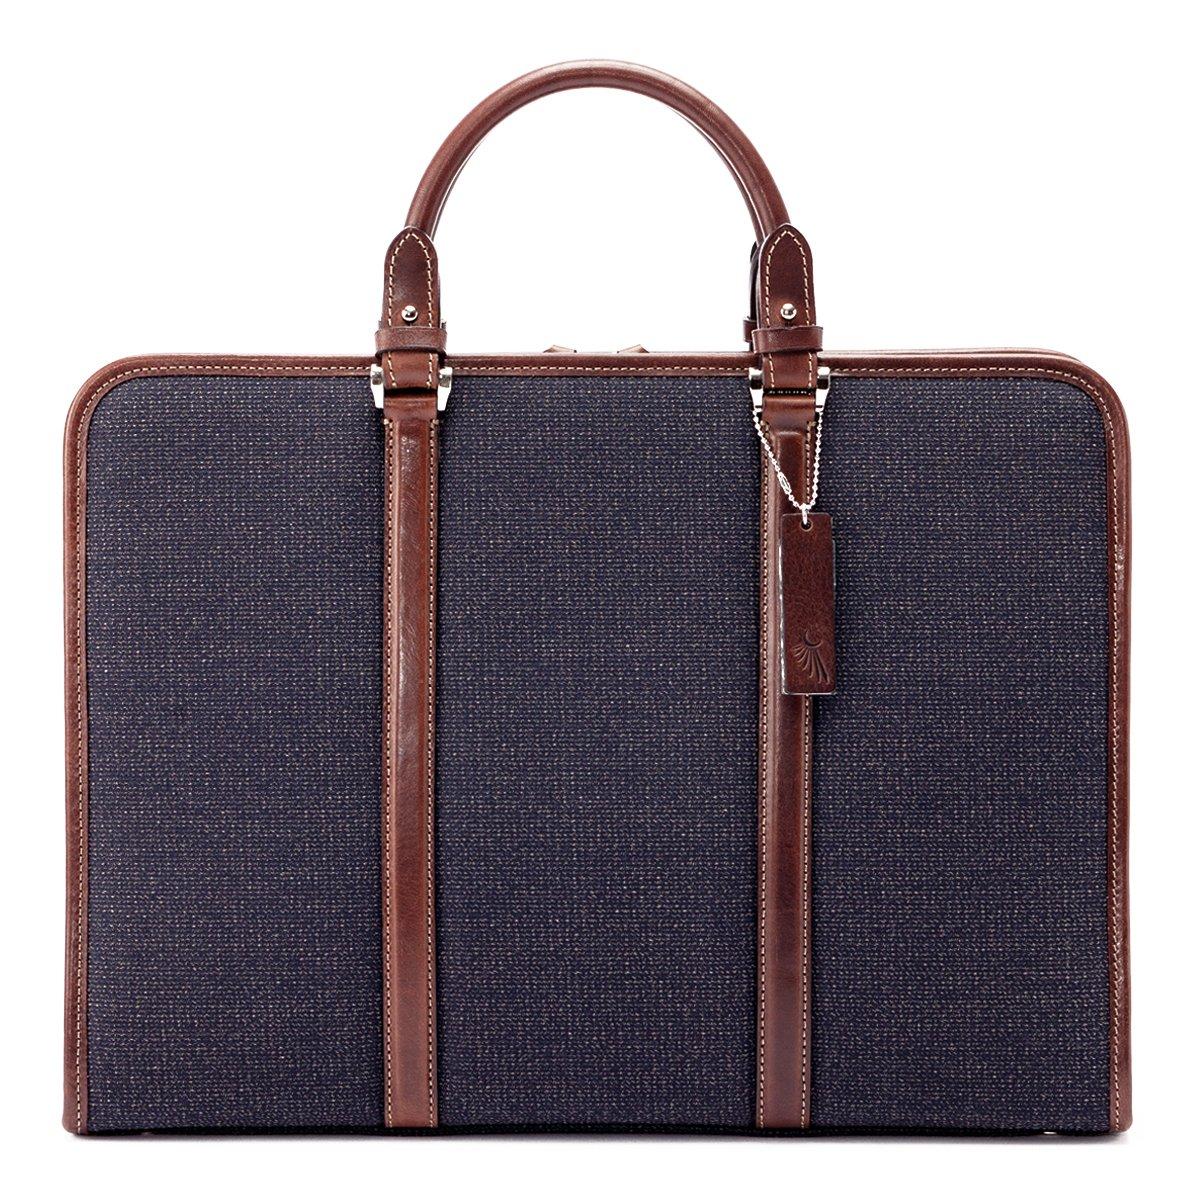 [トーテムリボー] ブリーフケース ビジネス 豊岡鞄 トーテム 牛革 TRV0002  ブラウン B07CYNY196